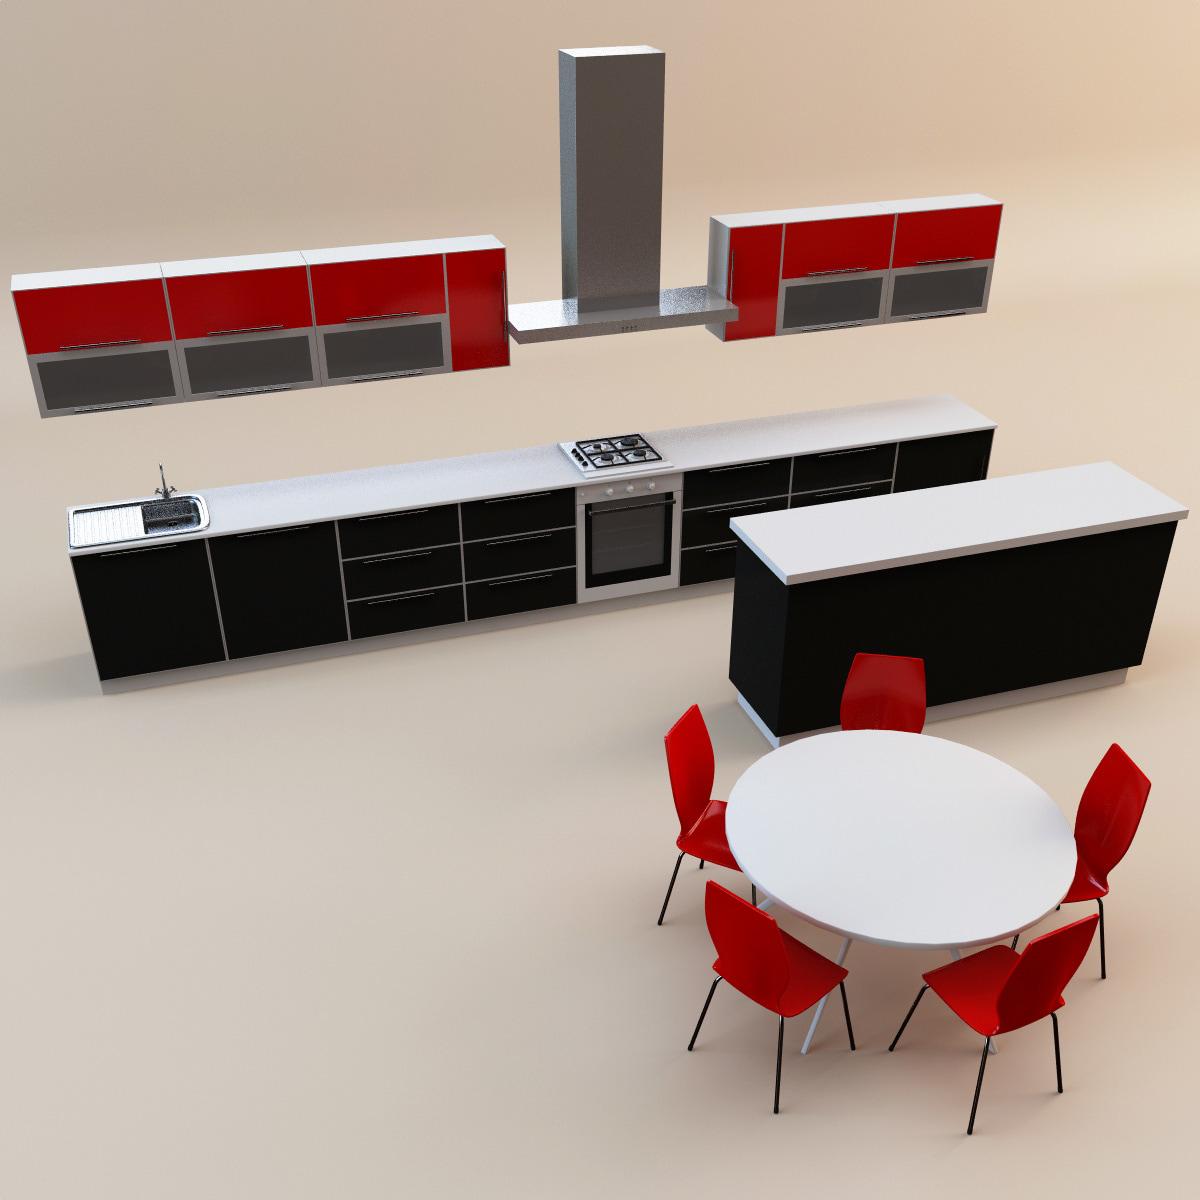 Kitchen_V18_001.jpg